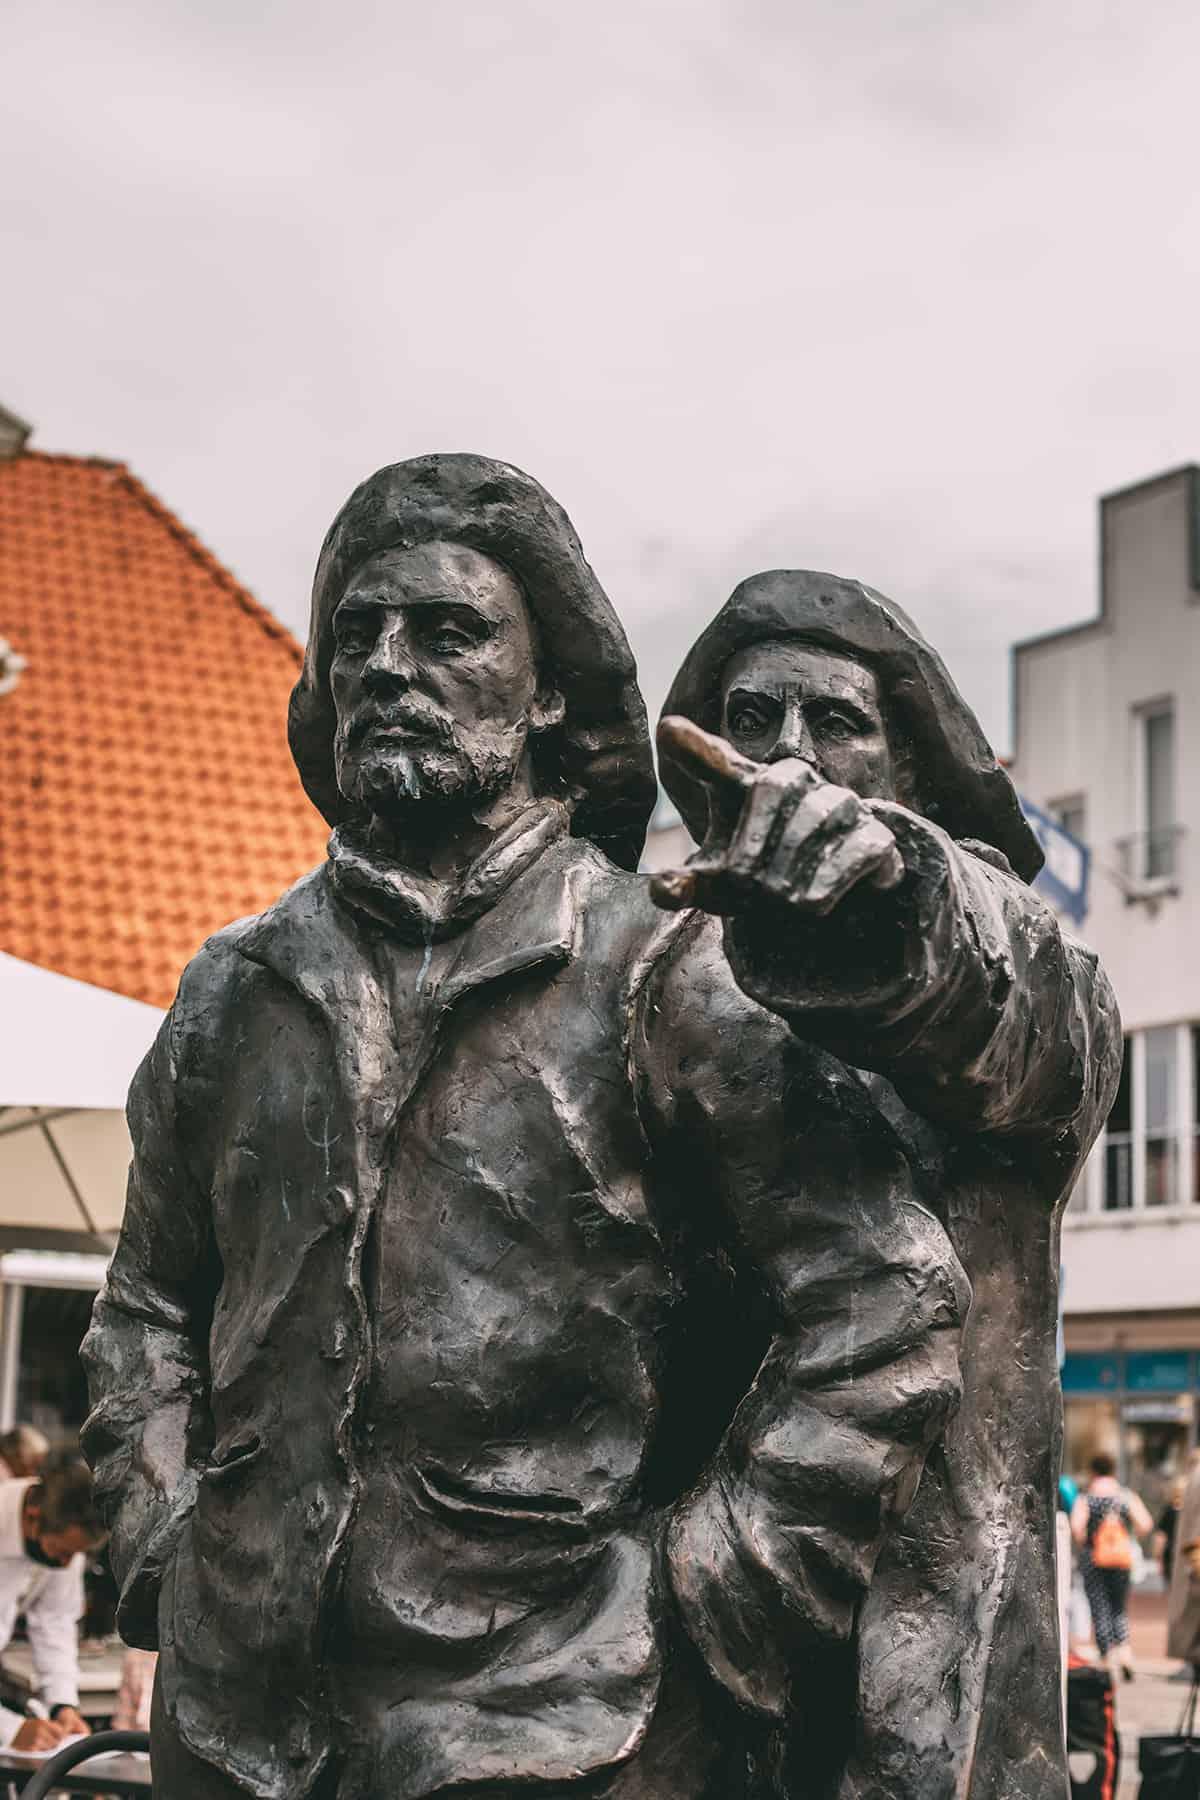 Statue auf dem Marktplatz in Neustadt